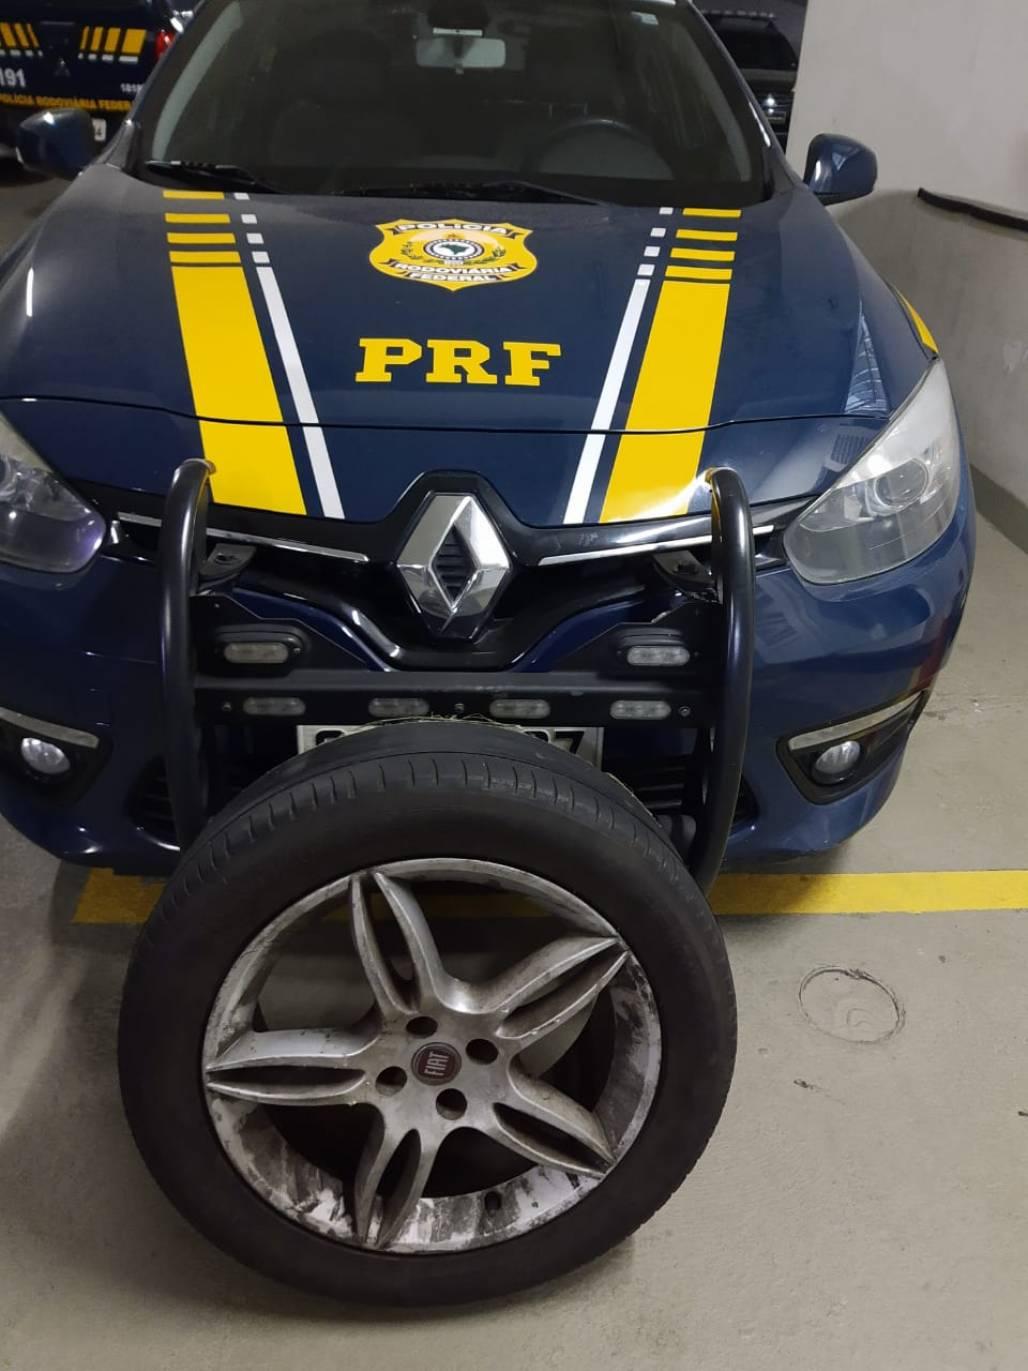 Pneu roubado - Imagem de PRF (Imagem / PRF)